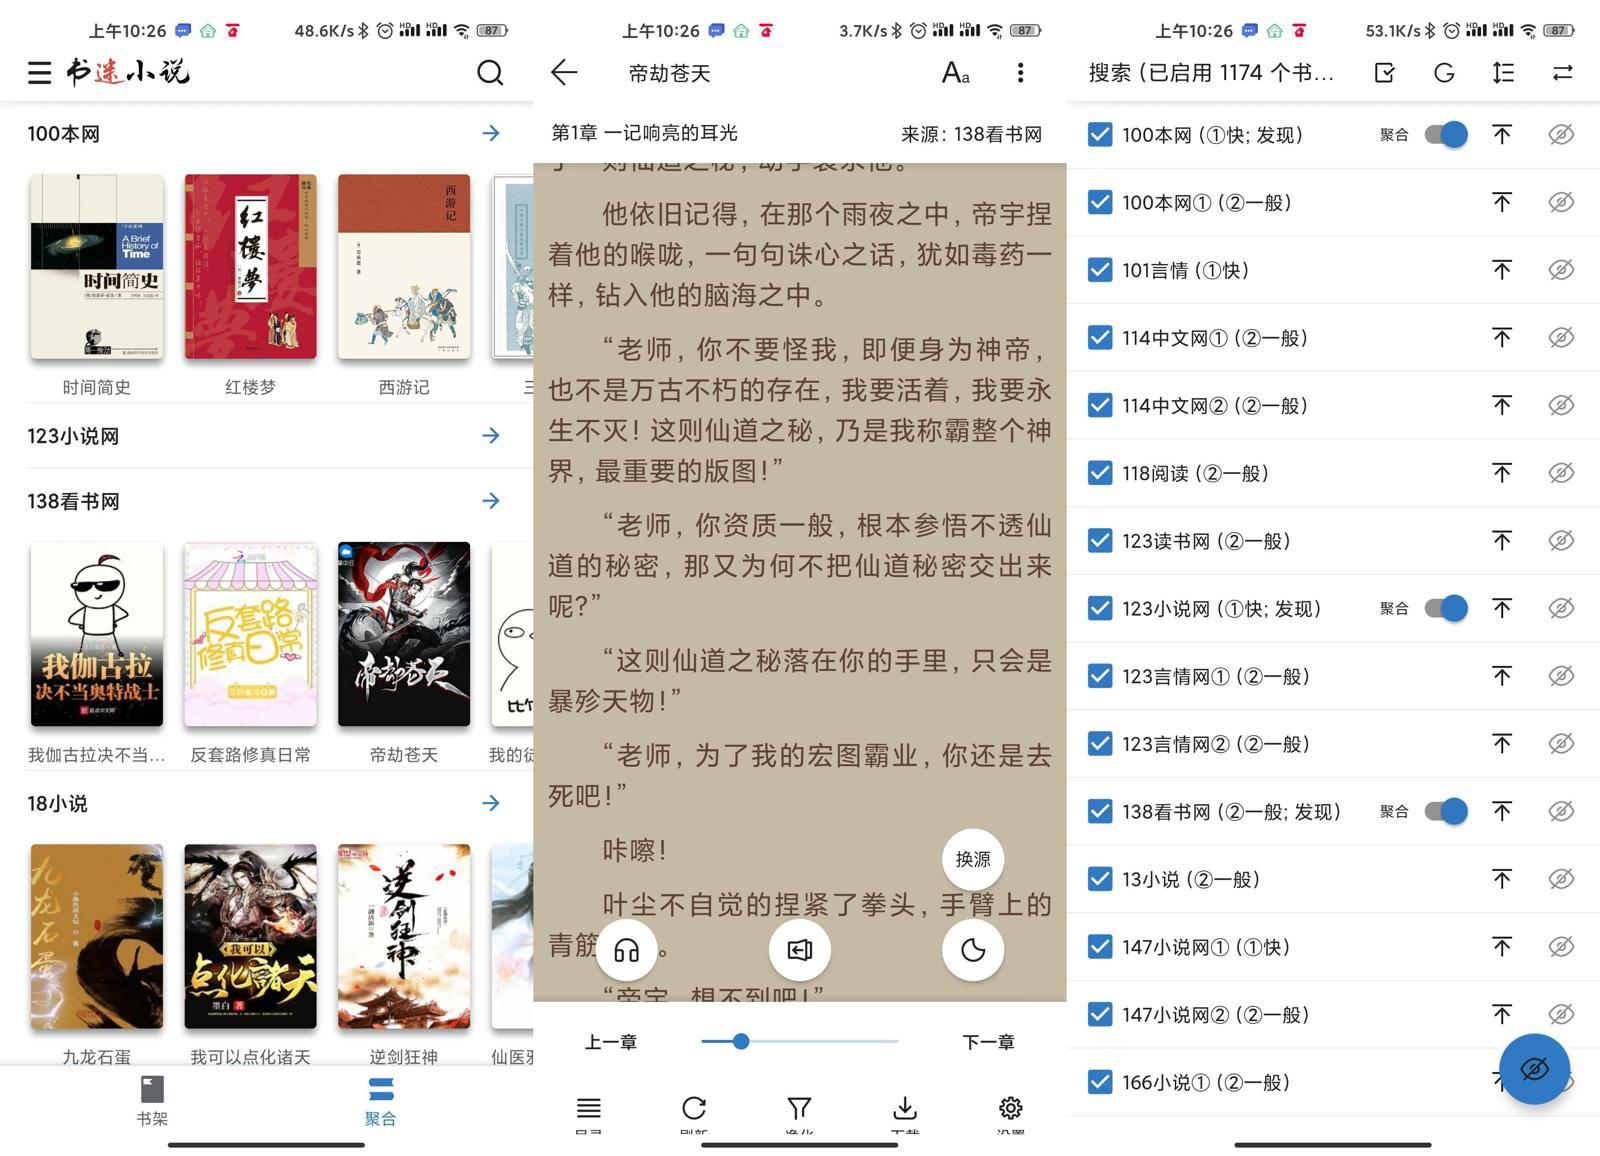 安卓书迷小说v1.04.07去广告绿化版